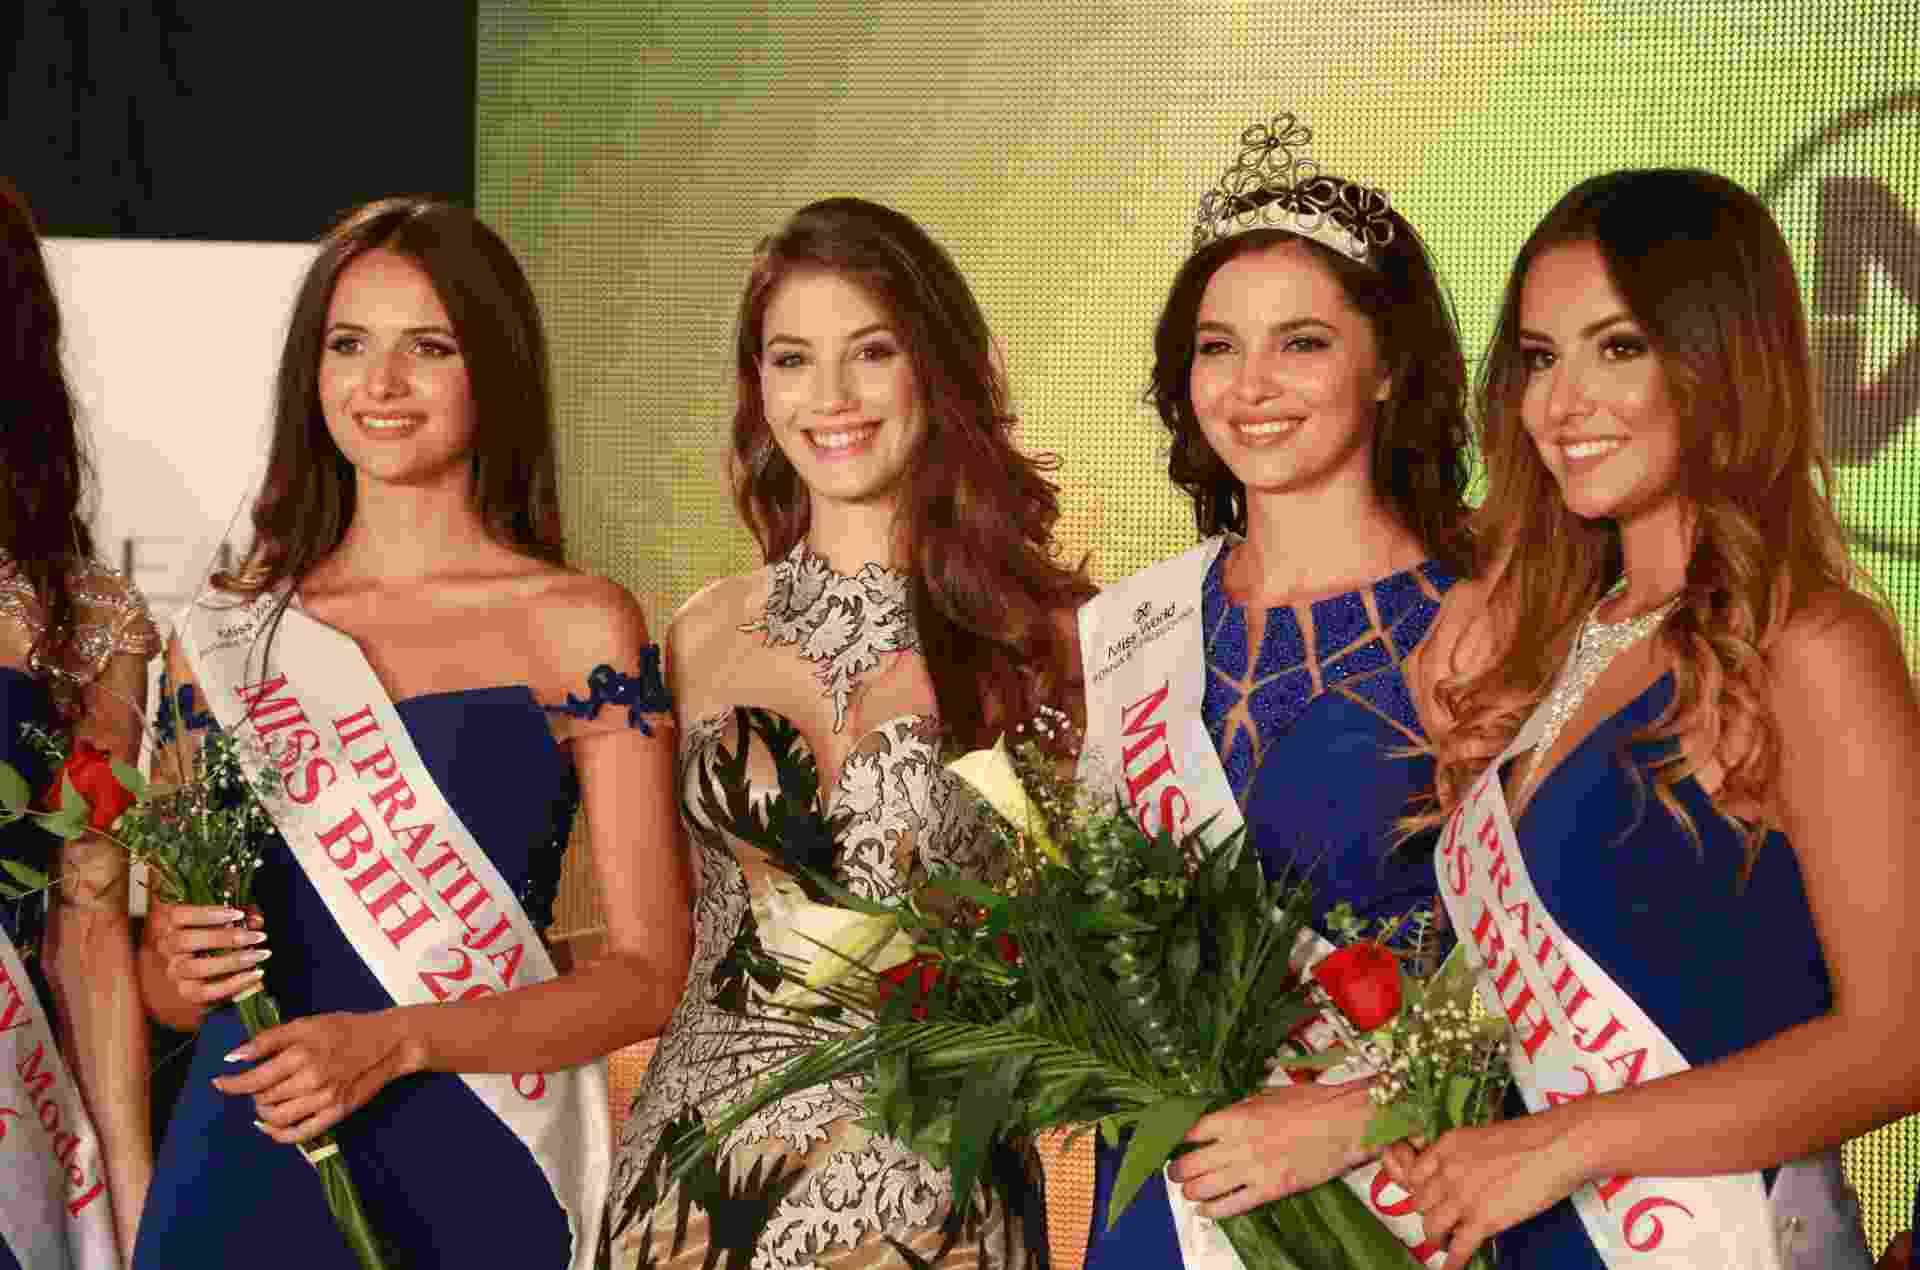 10.out.2016 - A vencedora do Miss Bósnia-Herzegóvina 2016, Halida Krajisnik (de coroa), posa com a vencedora do ano passado - undefined